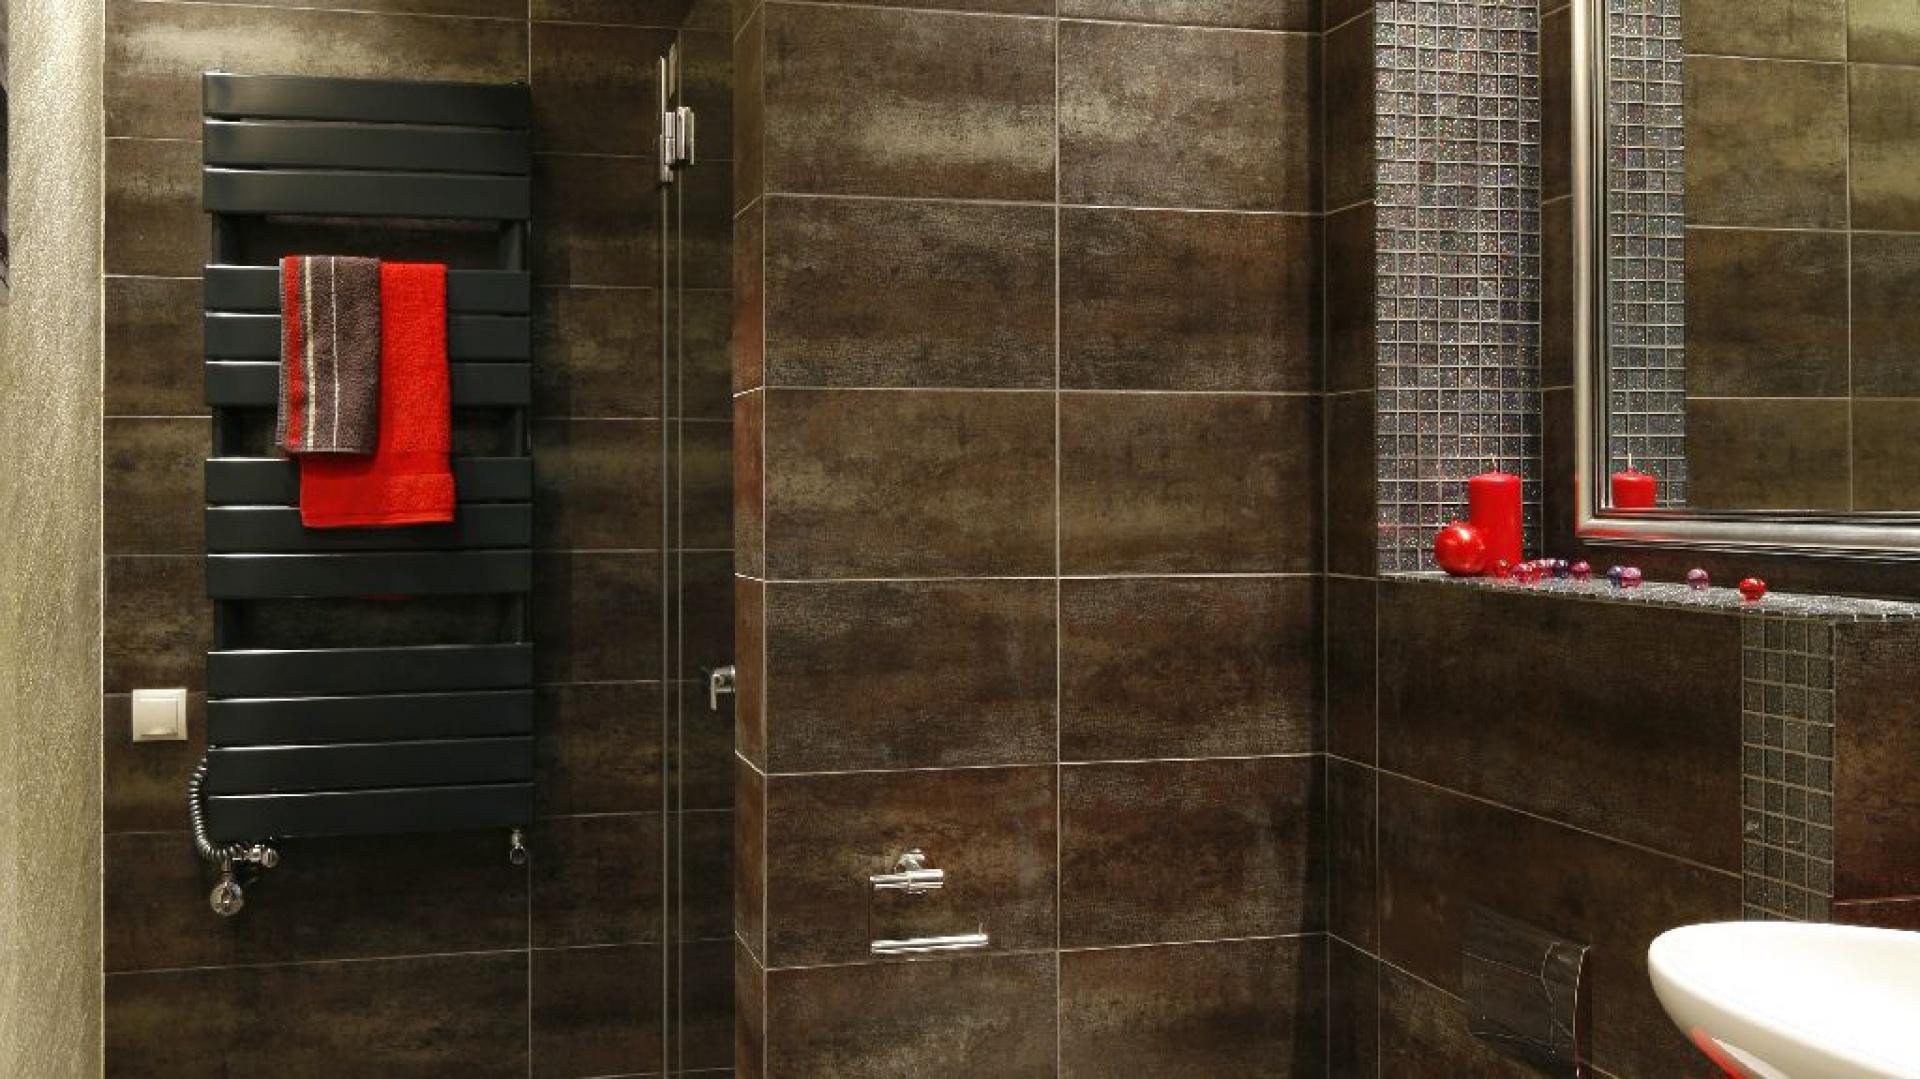 Surowe industrialne płytki skomponowano tu z czerwonymi akcentami i bielą ceramiki. Fot. Bartosz Jarosz.